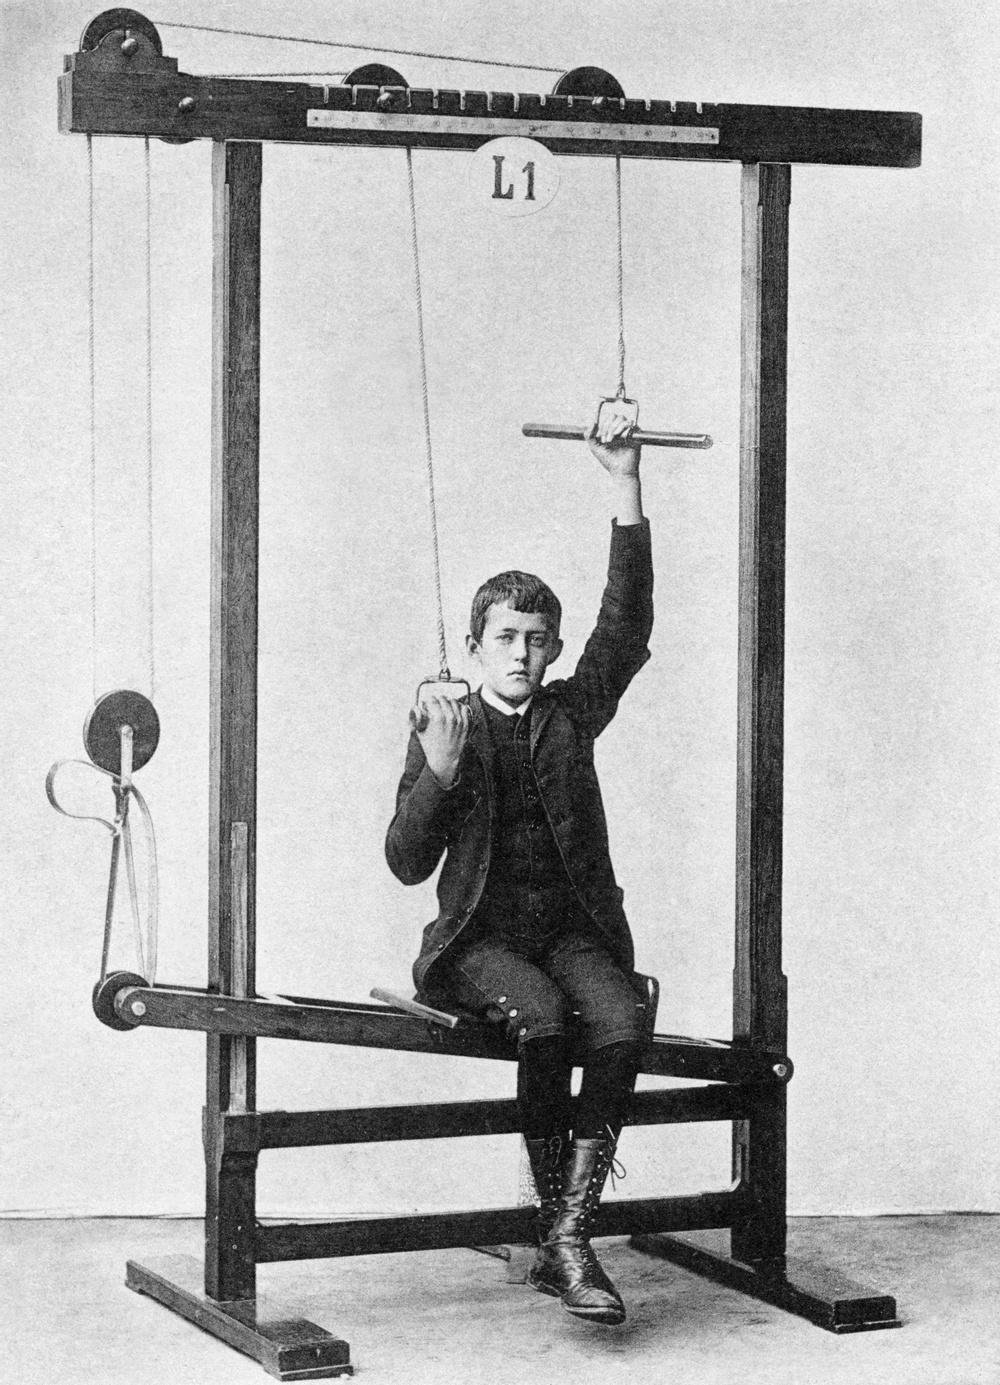 """En av läkaren Gustaf Zanders träningsapparater. Just denna är en så kallad """"armsträckare"""" för sträckning av armen samt balansträning för bålen.  Istället för att personal assisterade patienterna tyckte Zander att mekaniska apparater kunde göra jobbet bättre. En apparat kunde ställas in individuellt och upprepa samma precisa rörelse om och om igen utan att tröttna. Behandlingen blev också mindre kostsam.  Bildkälla: Tekniska museet, okänd fotograf."""